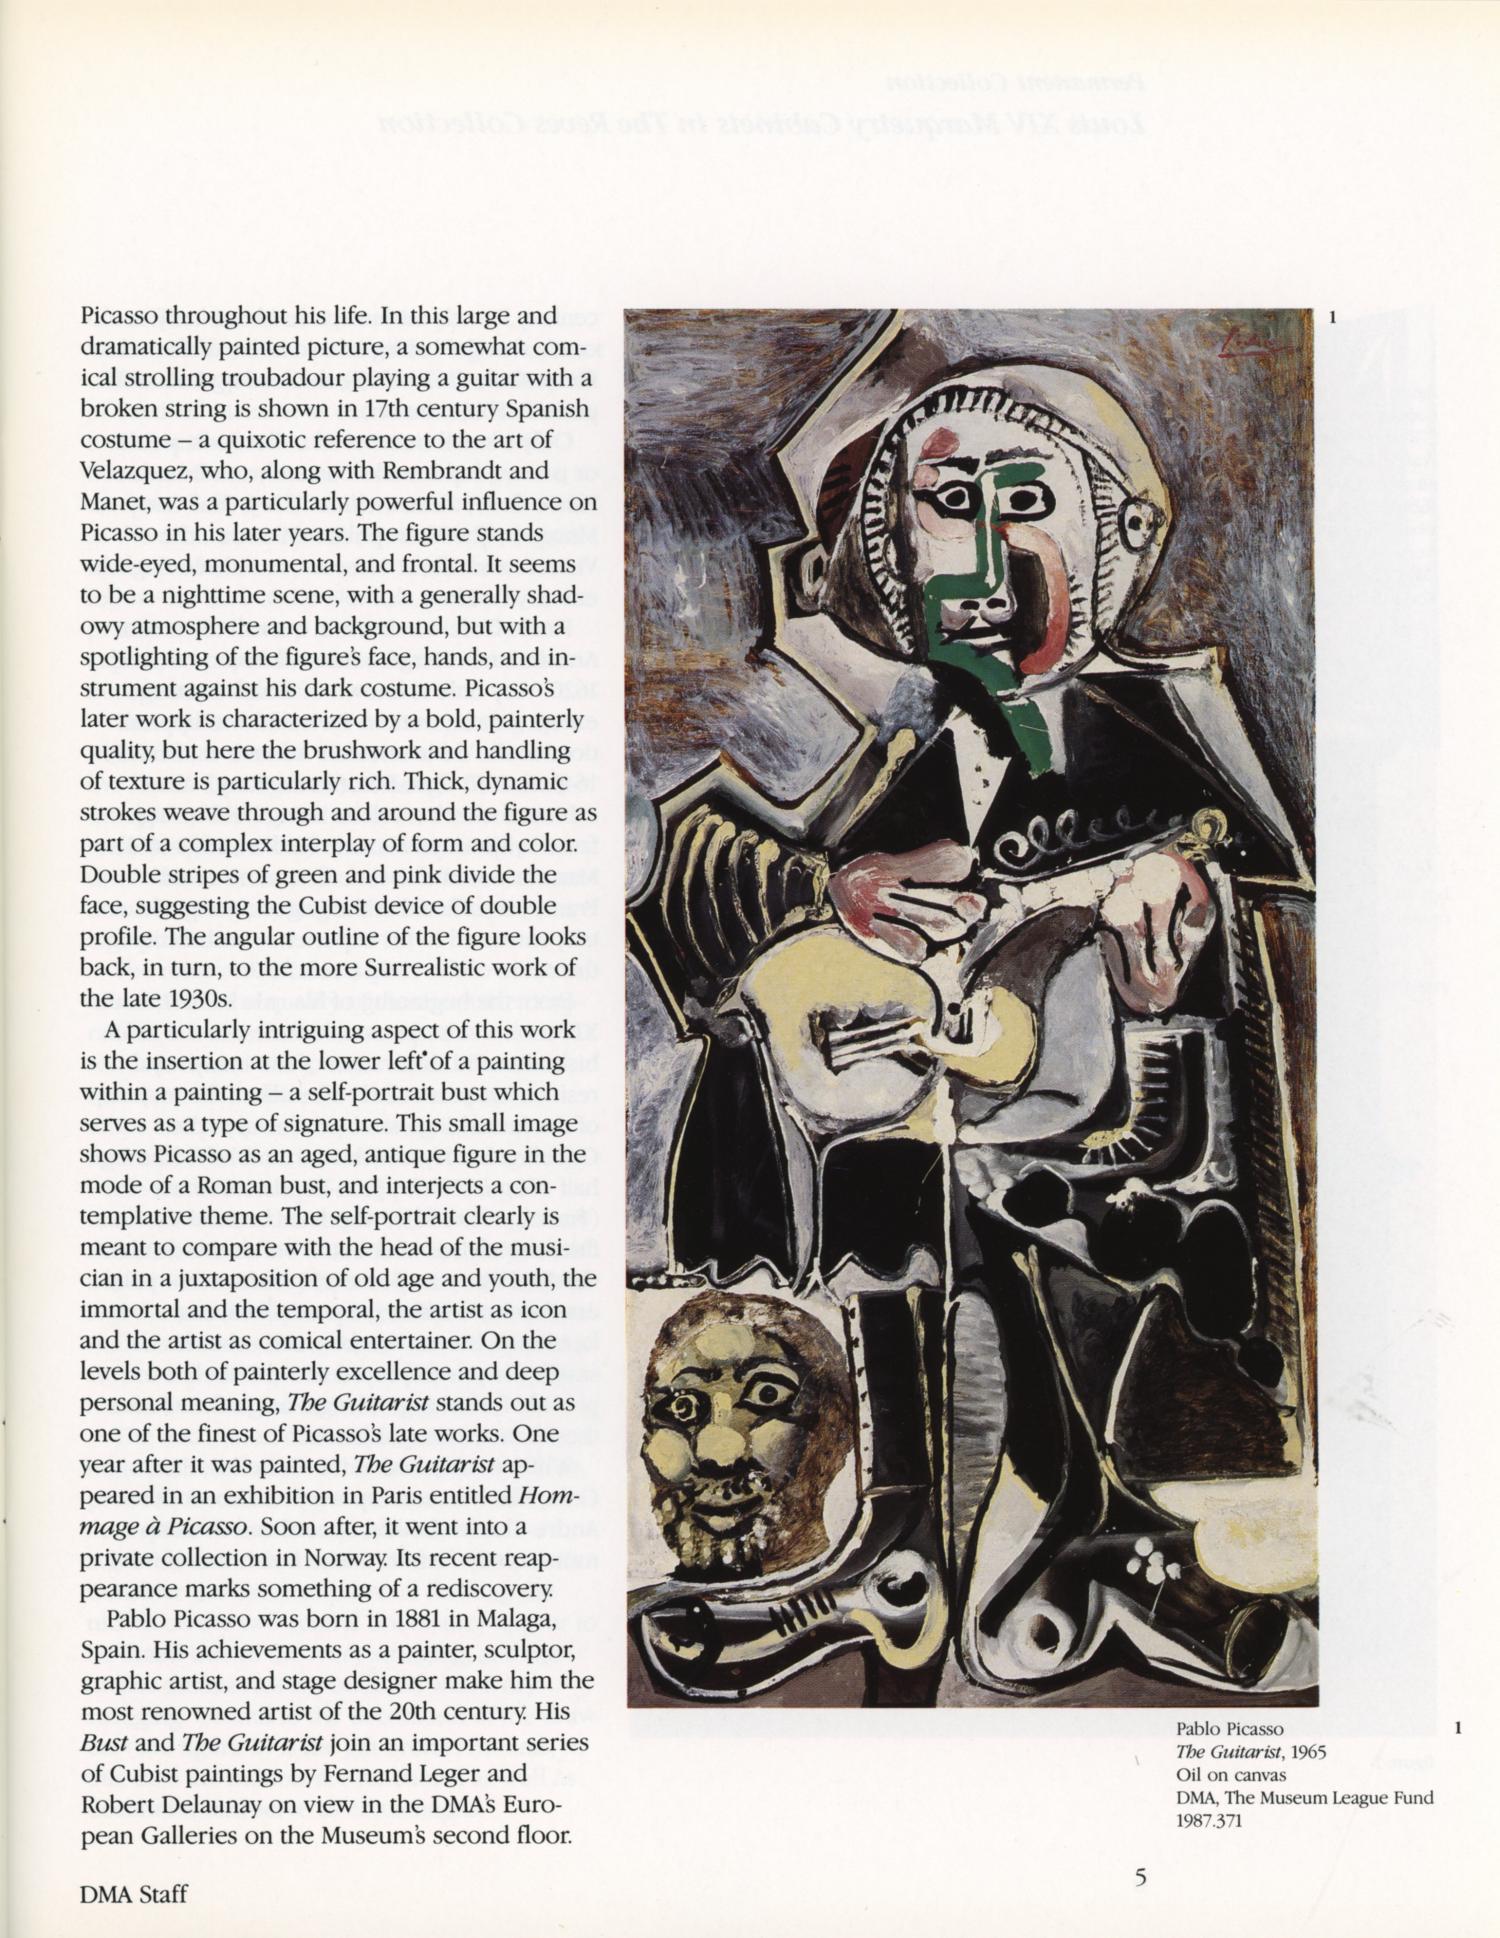 pablo picasso the guitarist 1965